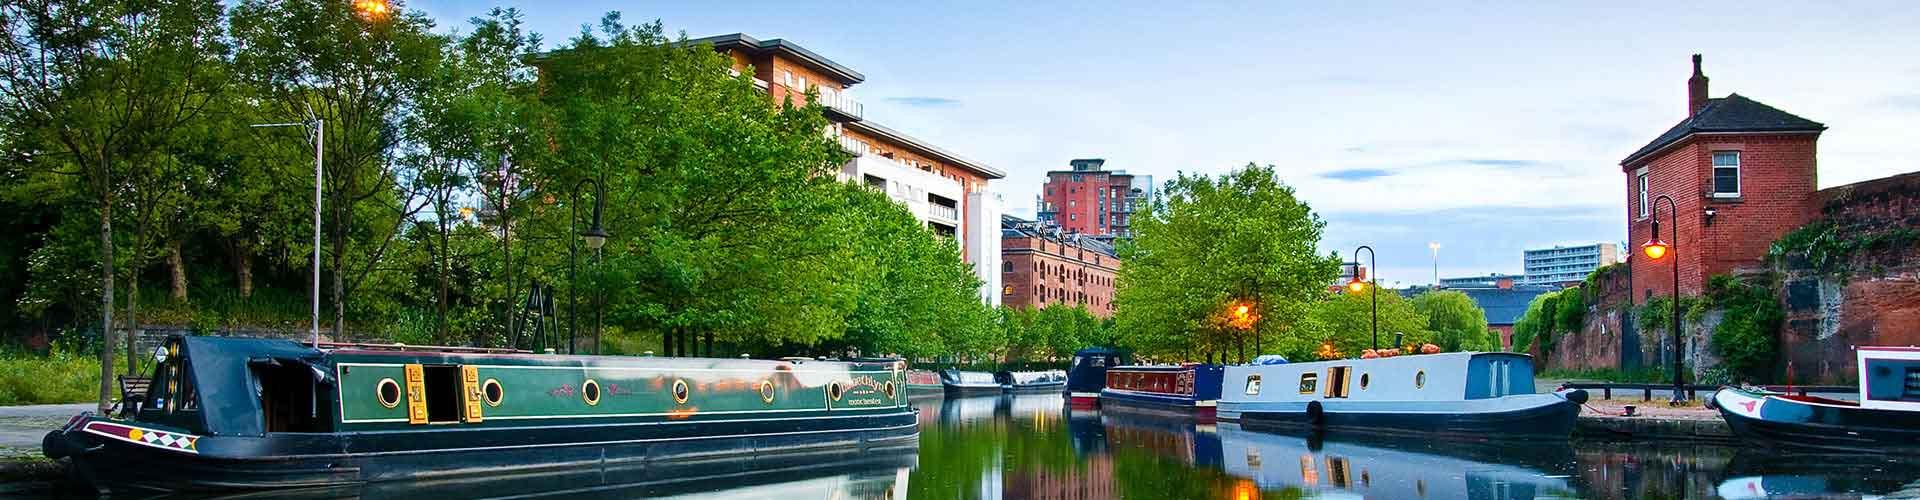 Manchester - Jugendherbergen in Manchester. Manchester auf der Karte. Fotos und Bewertungen für jede Jugendherberge in Manchester.